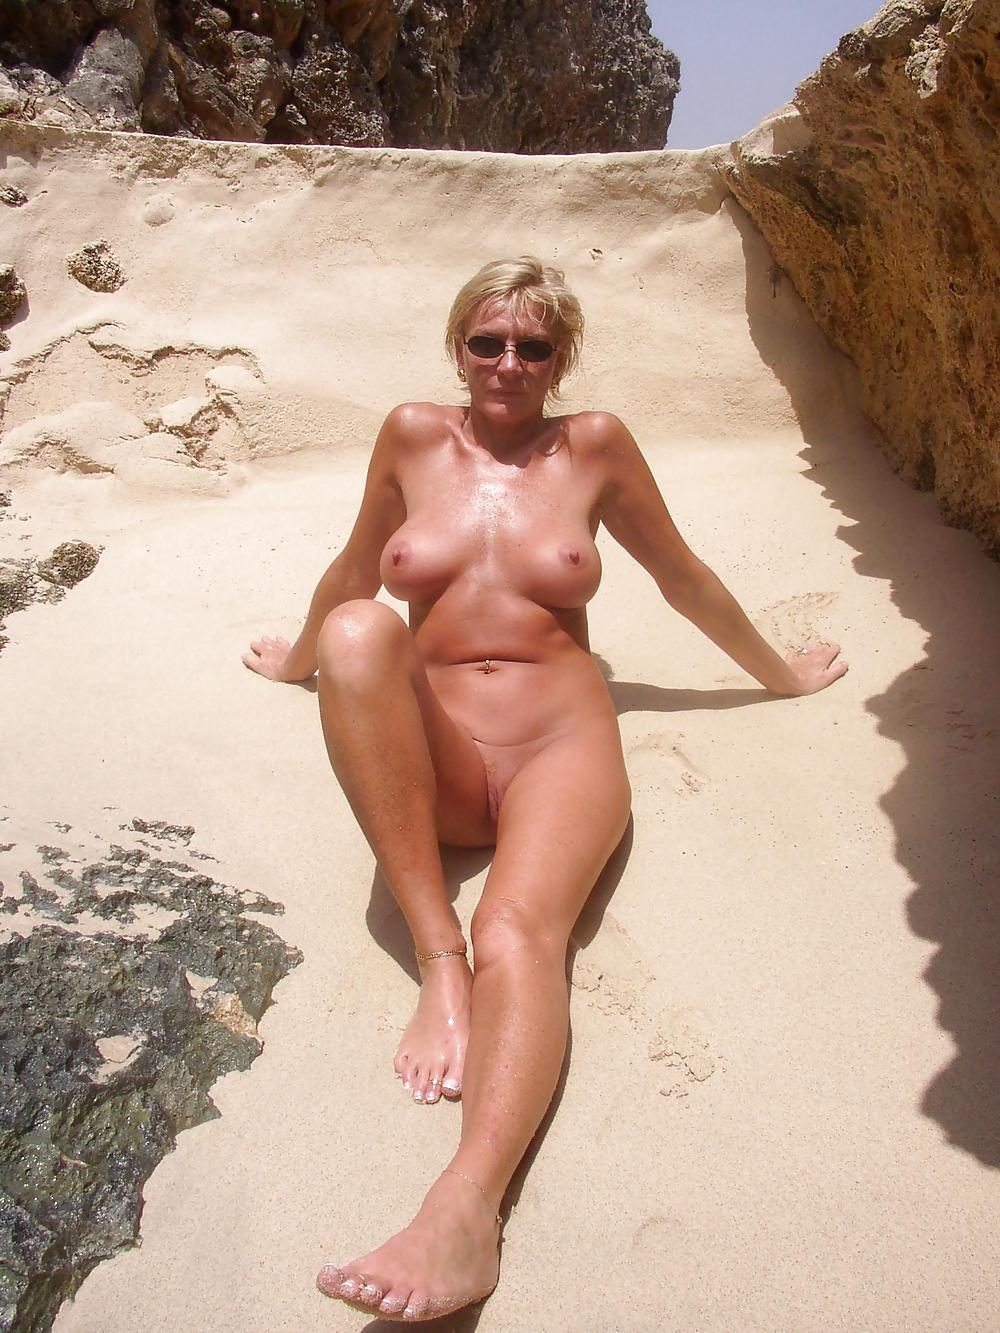 schwarze frauen nackt am strand